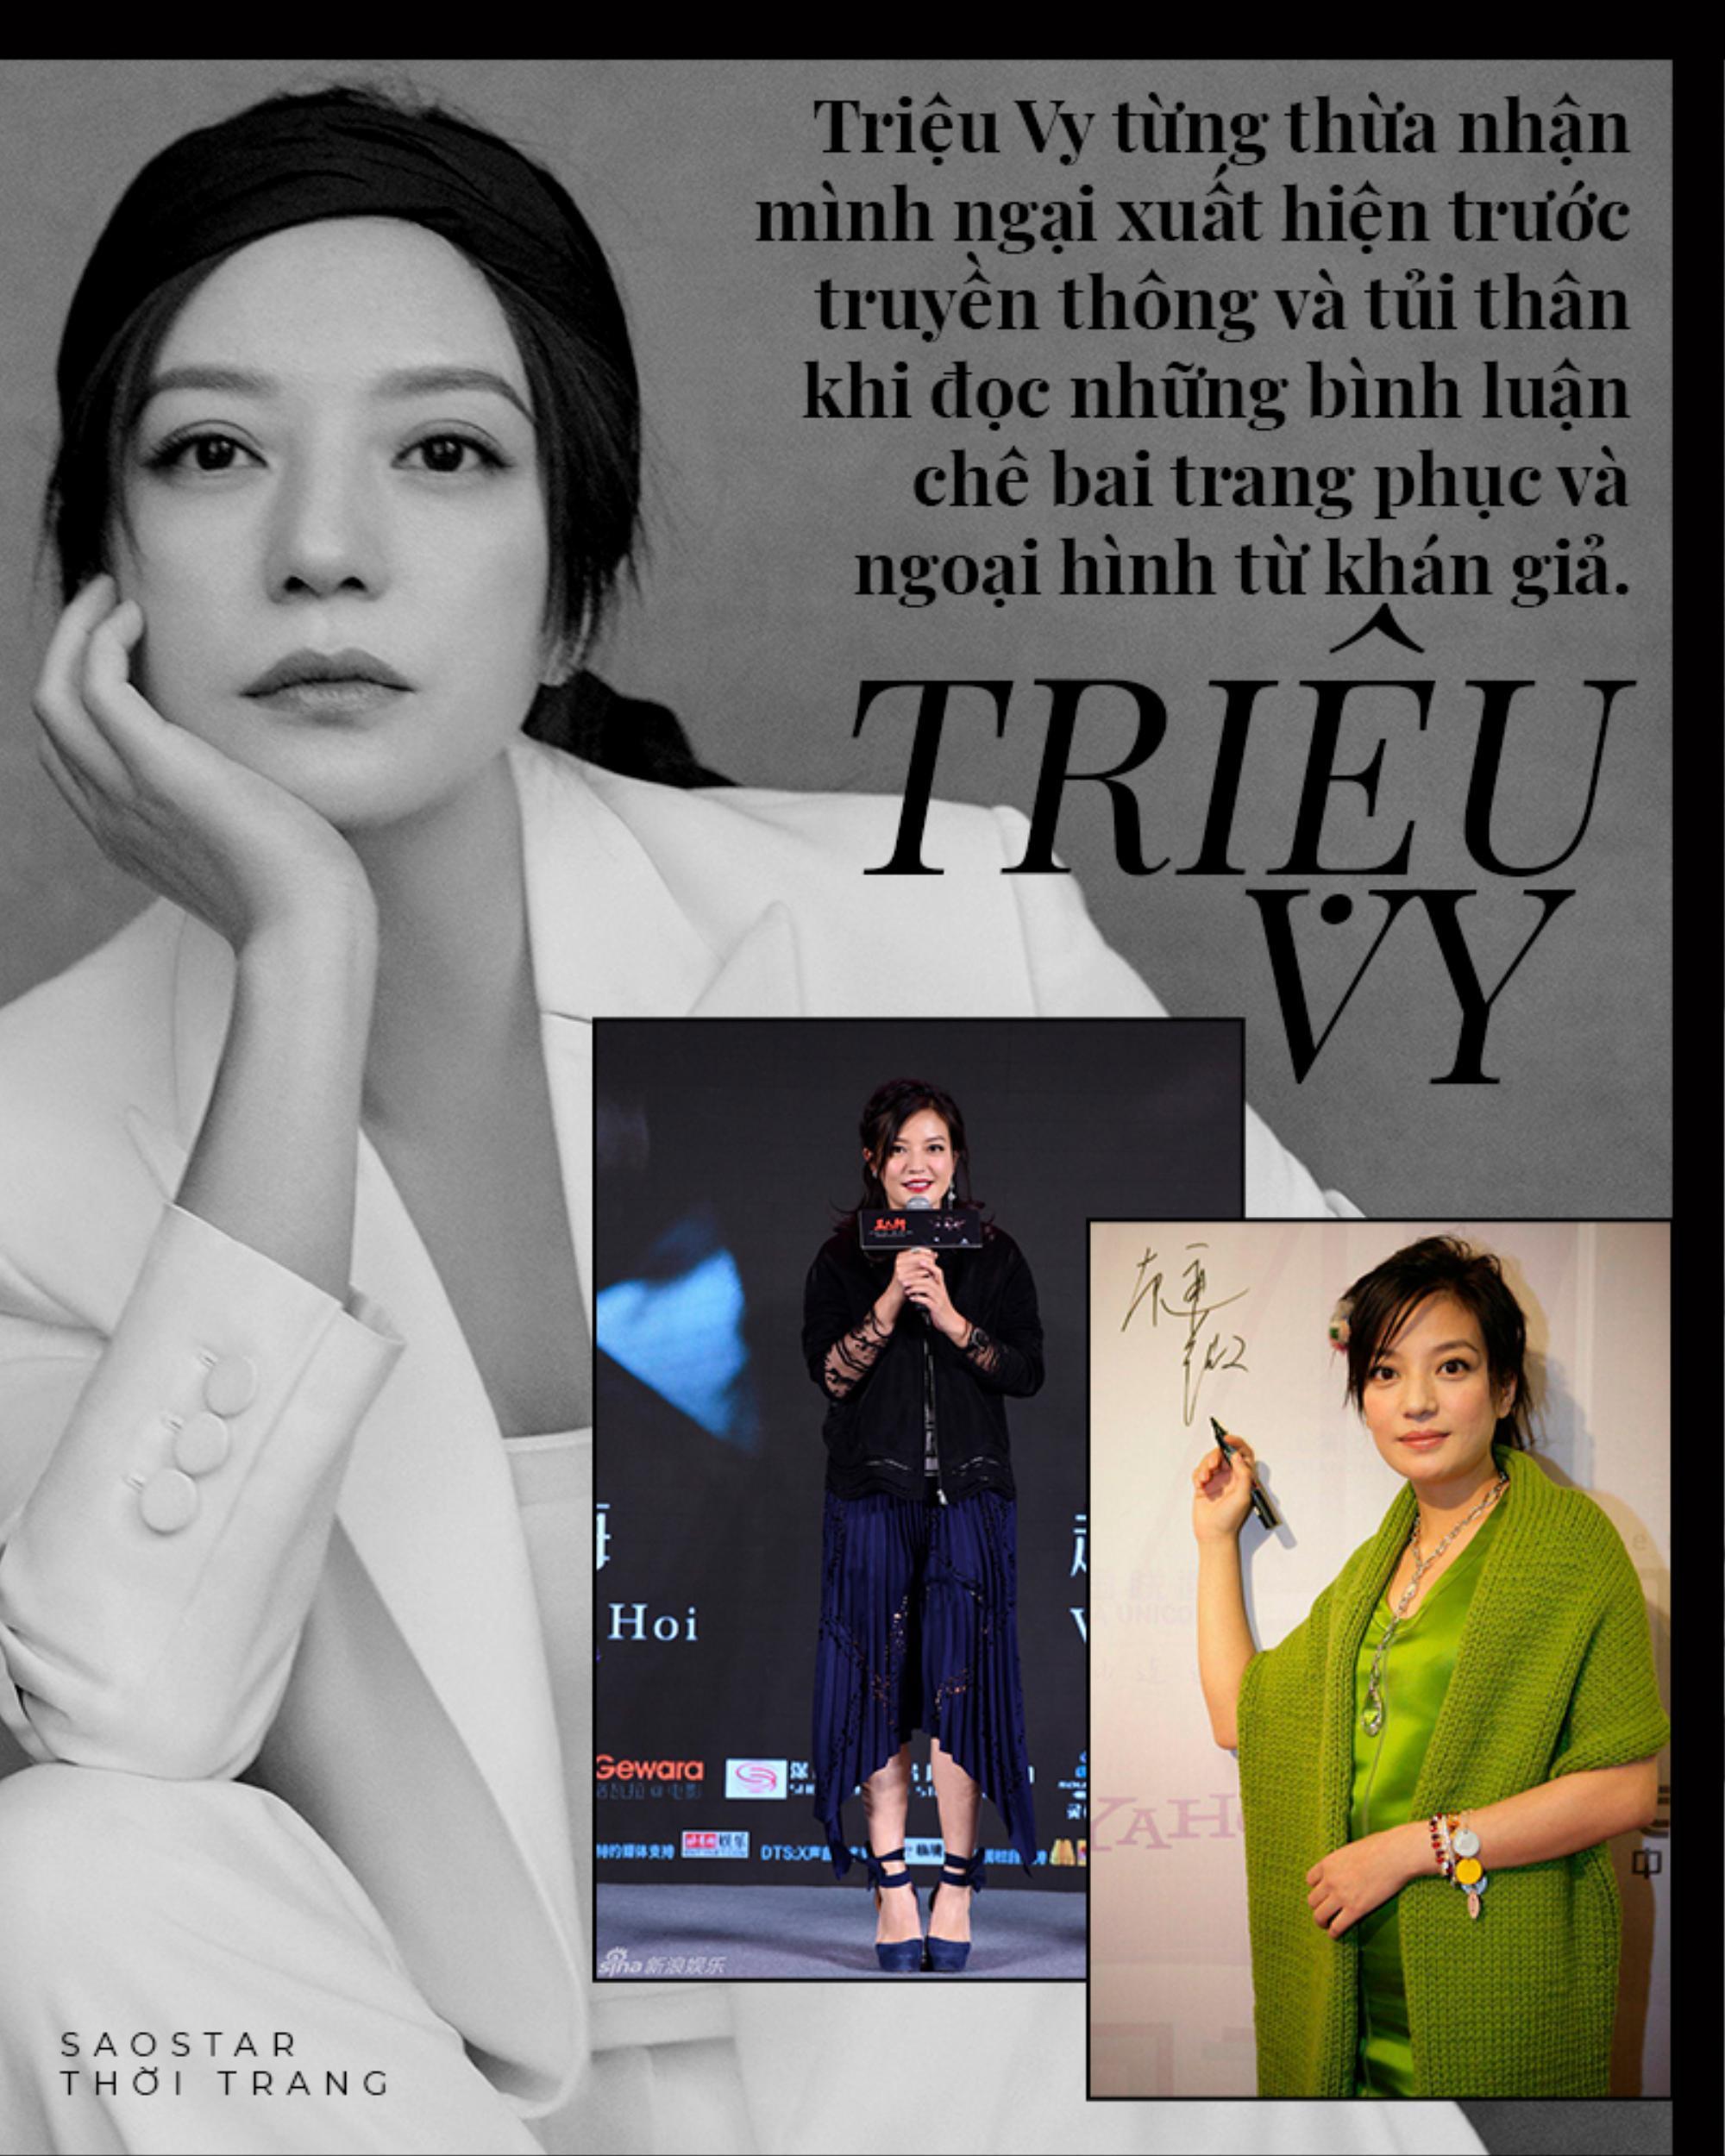 Con đường thời trang 'chông gai' của hai mỹ nhân bị phong sát Triệu Vy & Trịnh Sảng Ảnh 6